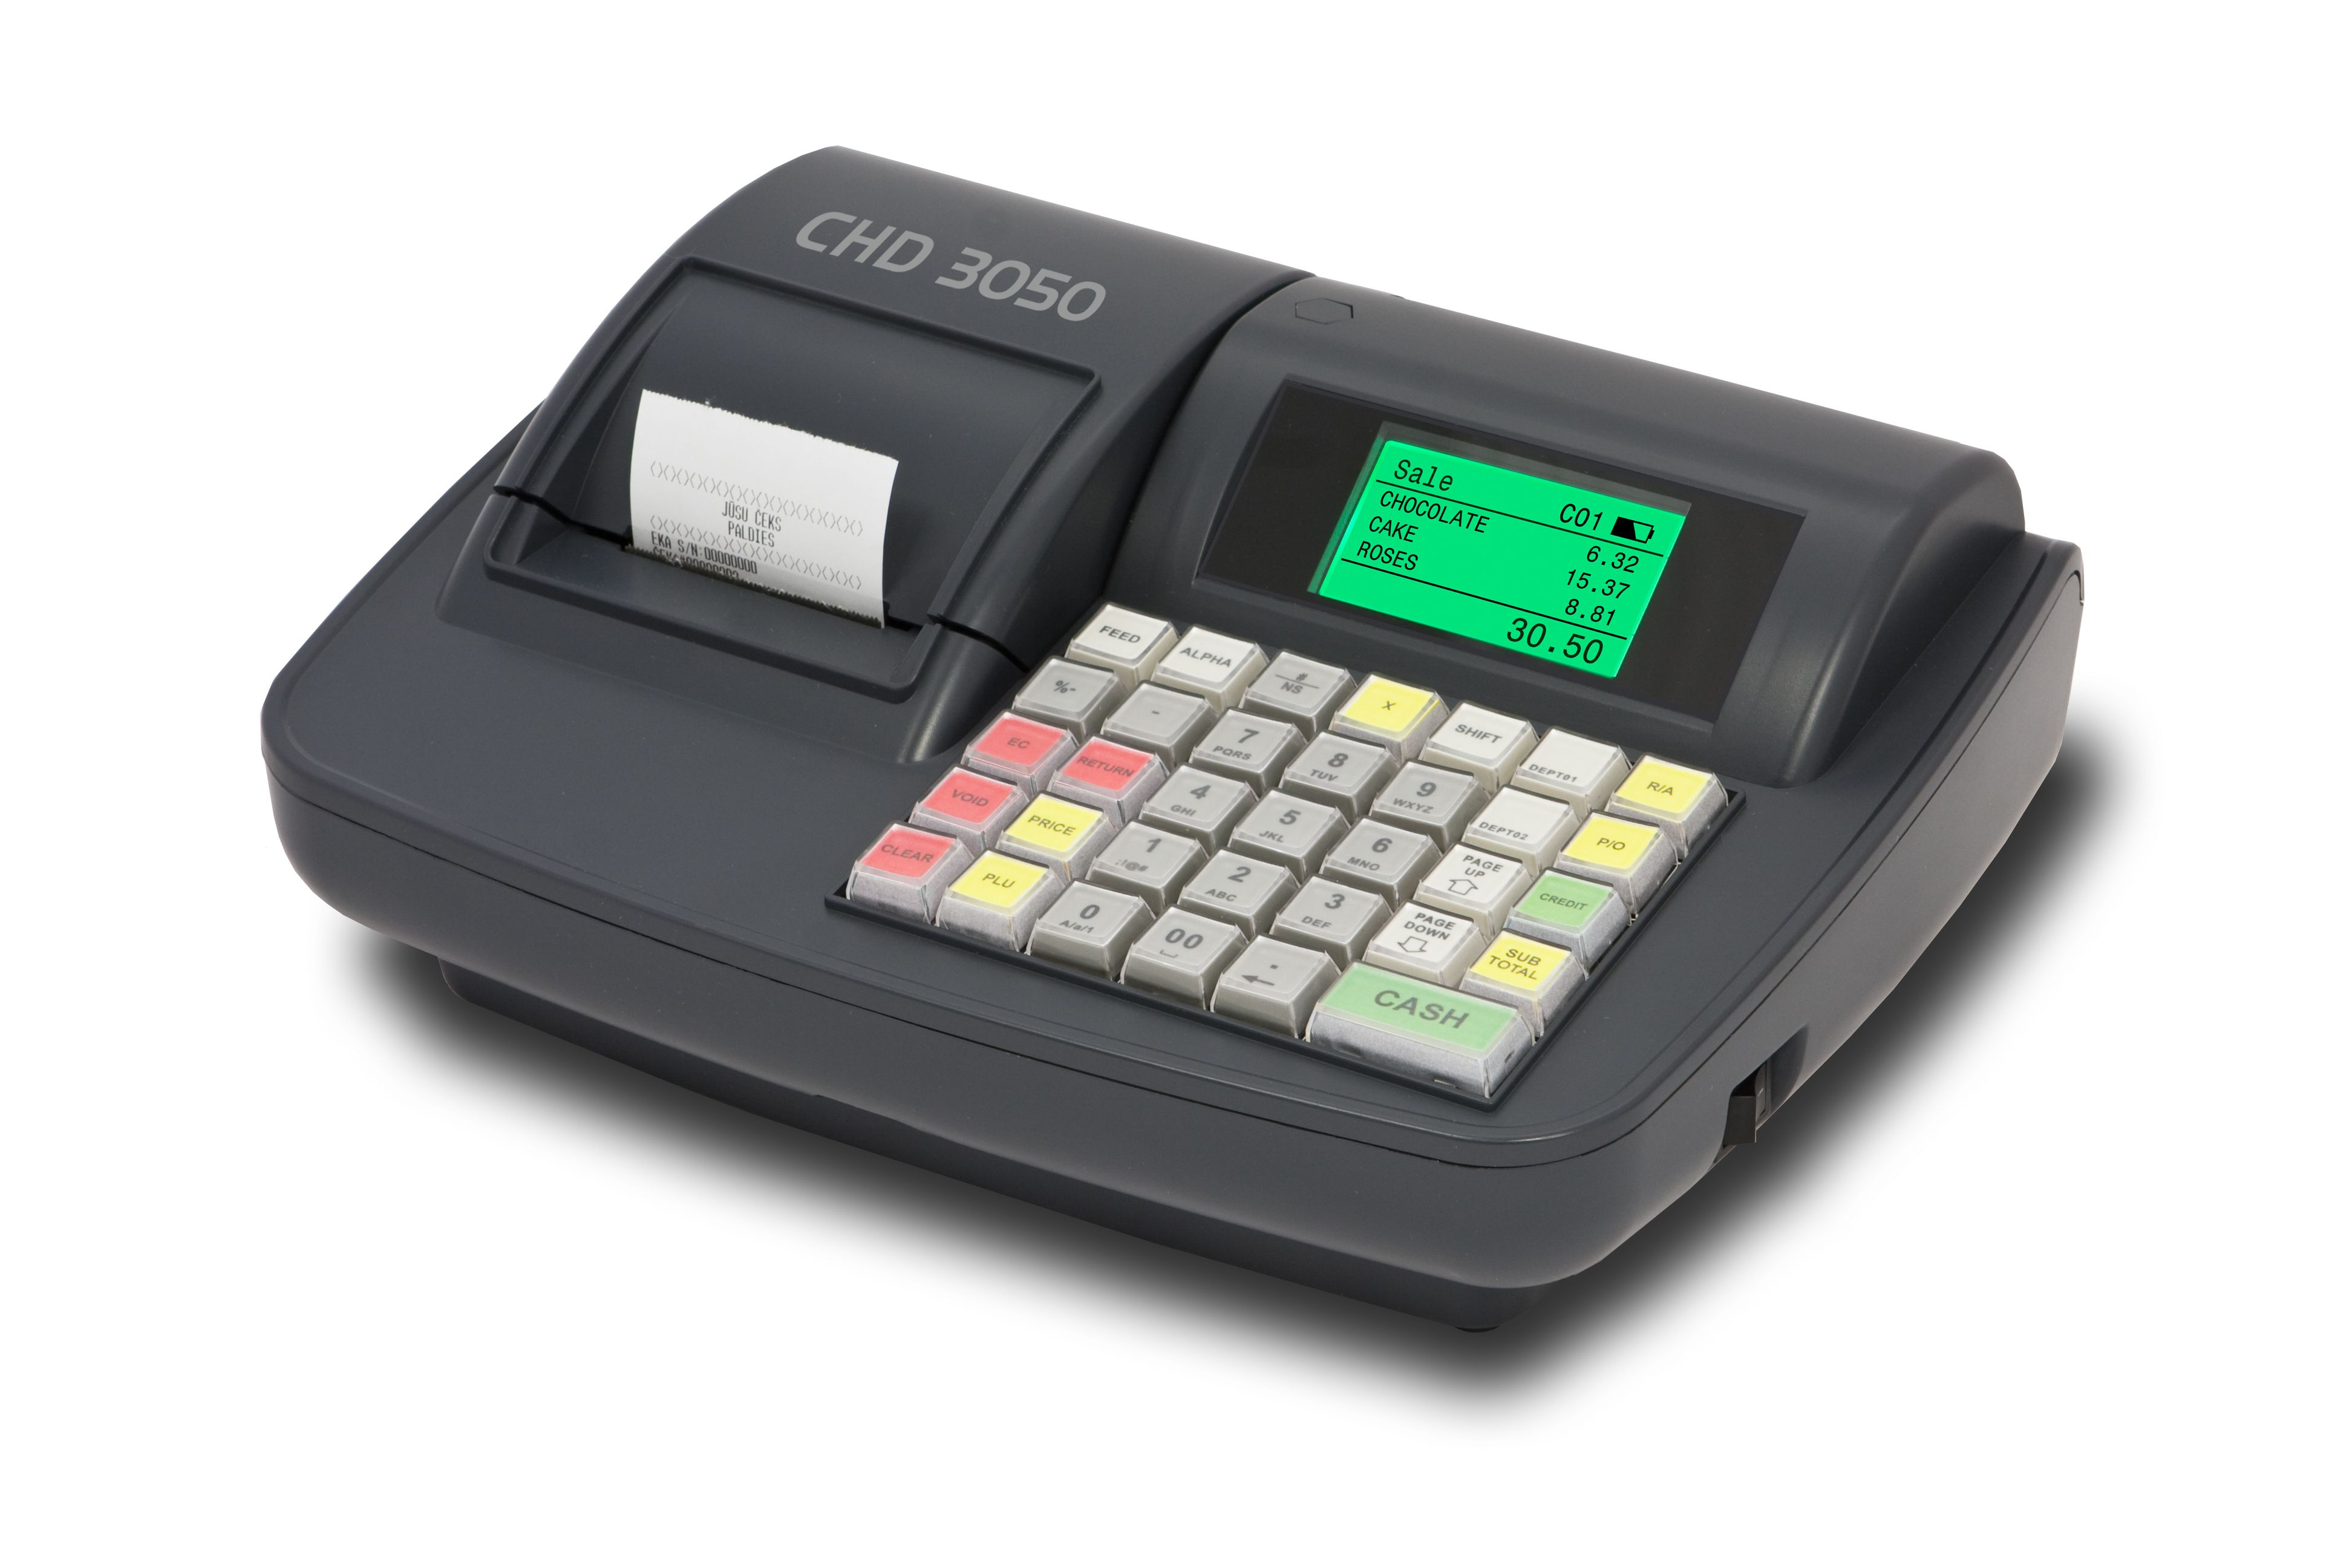 X-POS Registrační pokladna - CHD3050 - SKLADOVKA